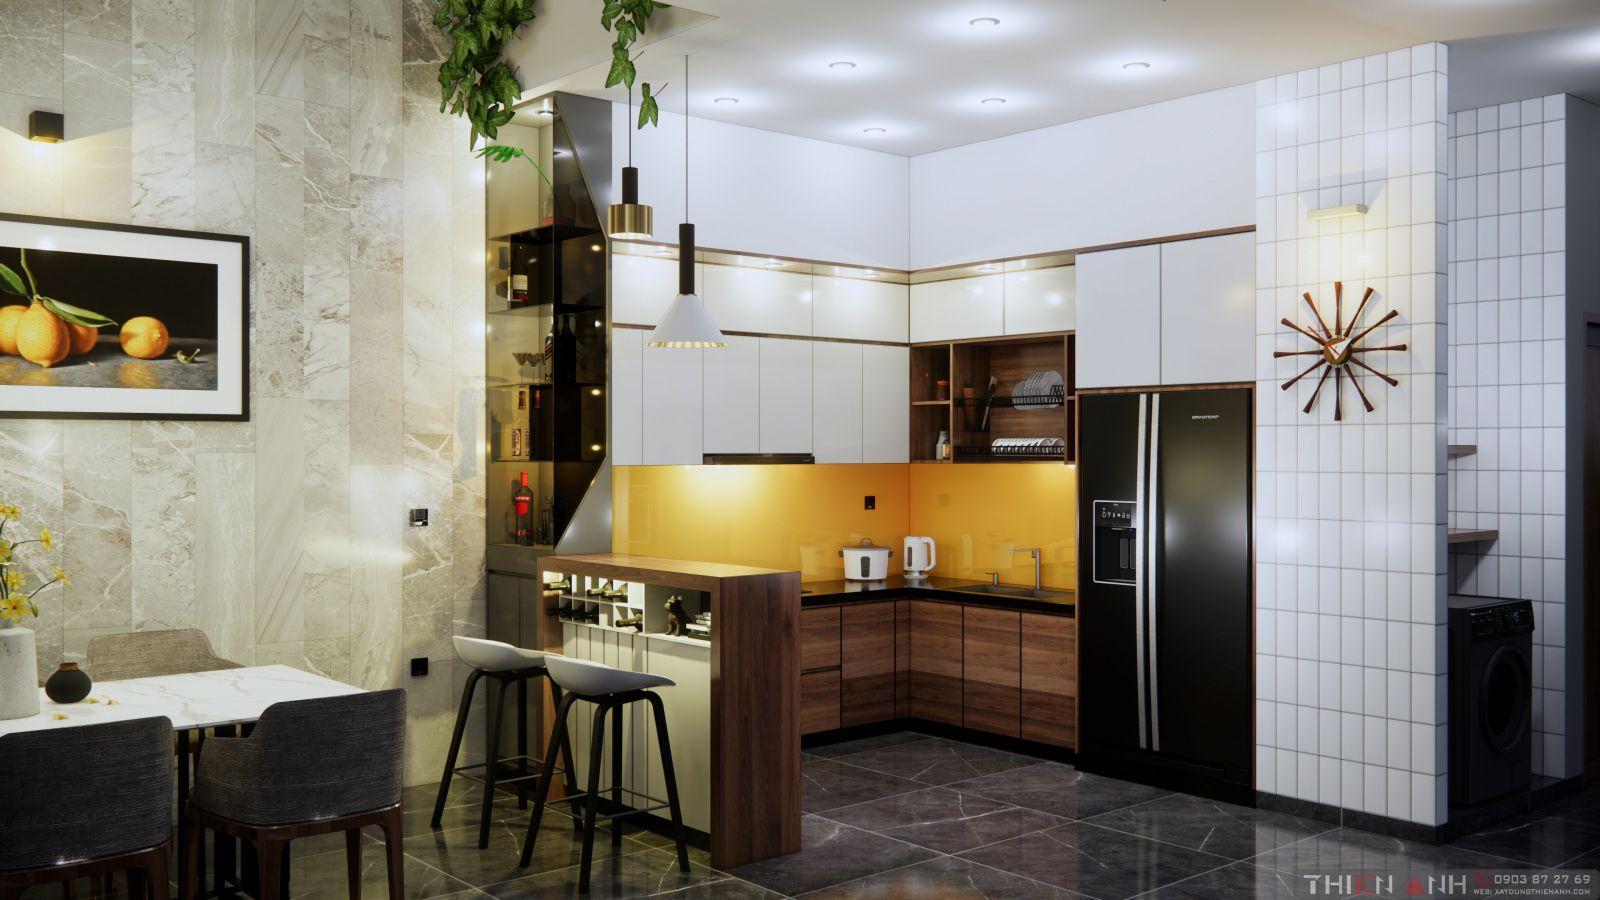 thiết kế nội thất phòng bep_xaydungthienanh_0903872769